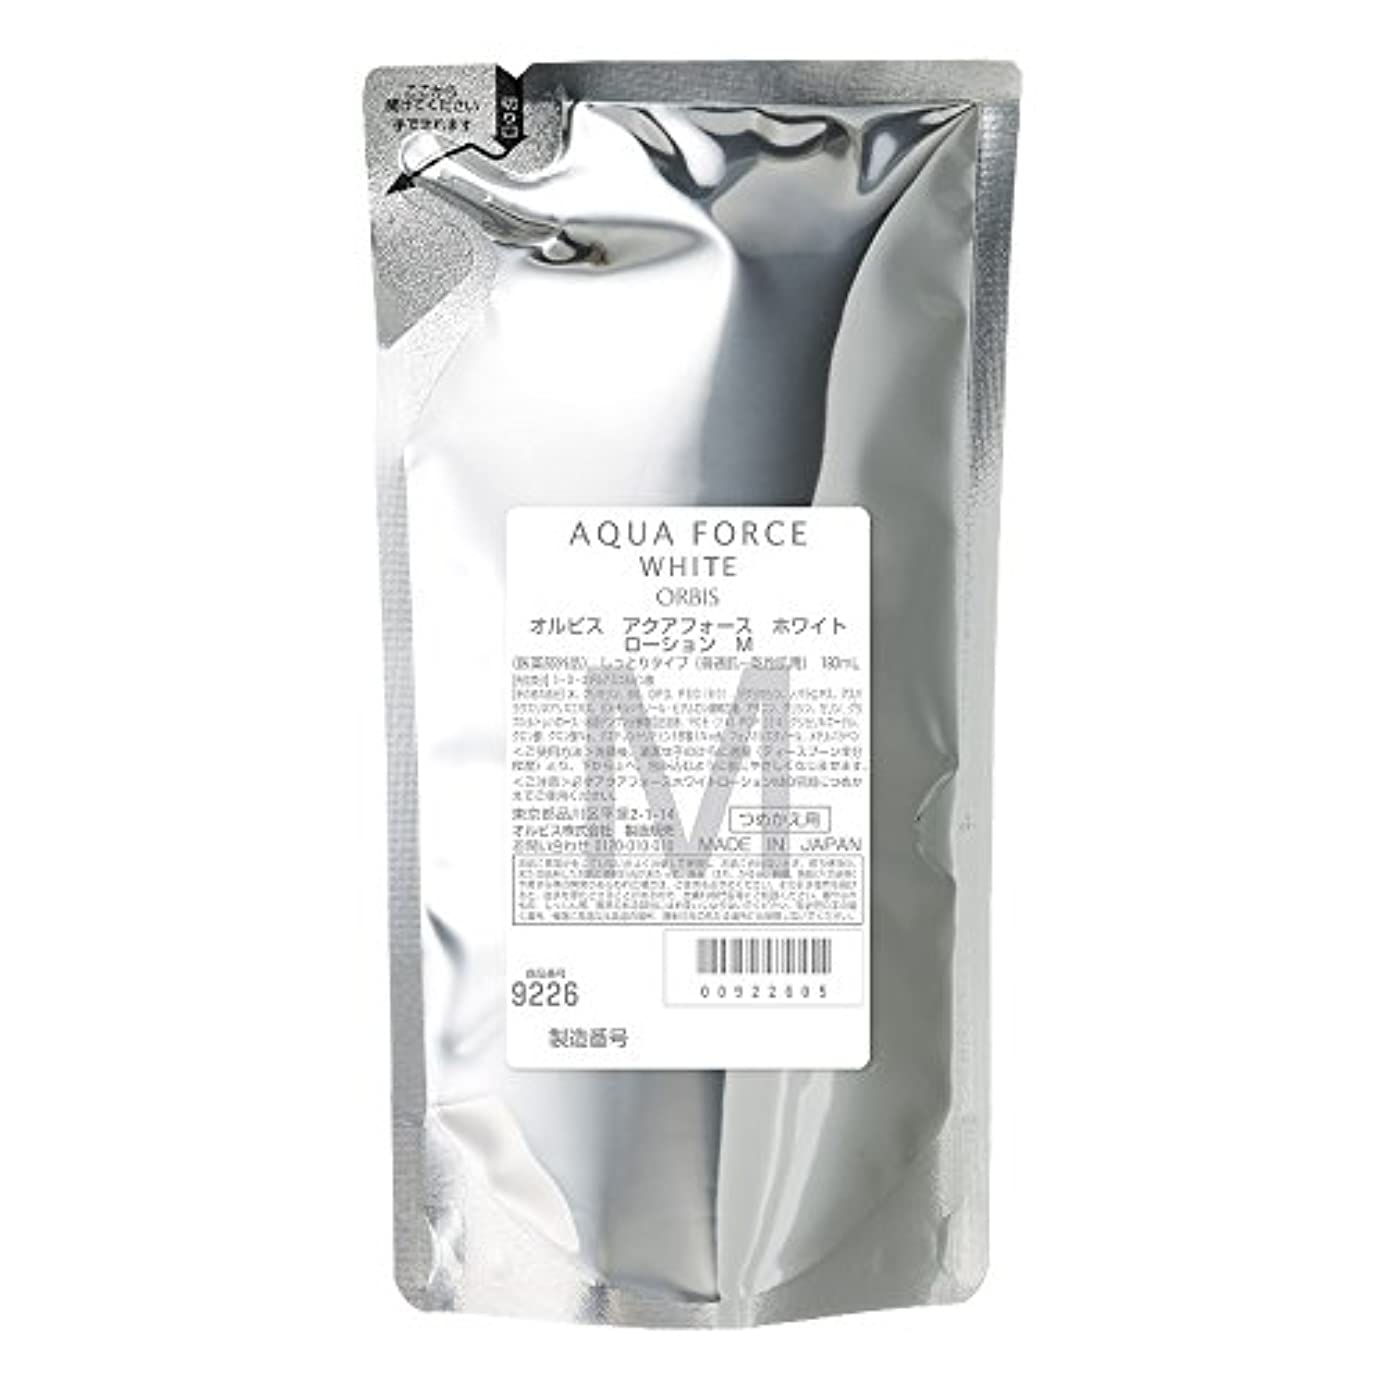 また明日ね好き箱オルビス(ORBIS) アクアフォースホワイトローション Mタイプ(しっとり) つめかえ用 180mL ◎薬用美白化粧水◎